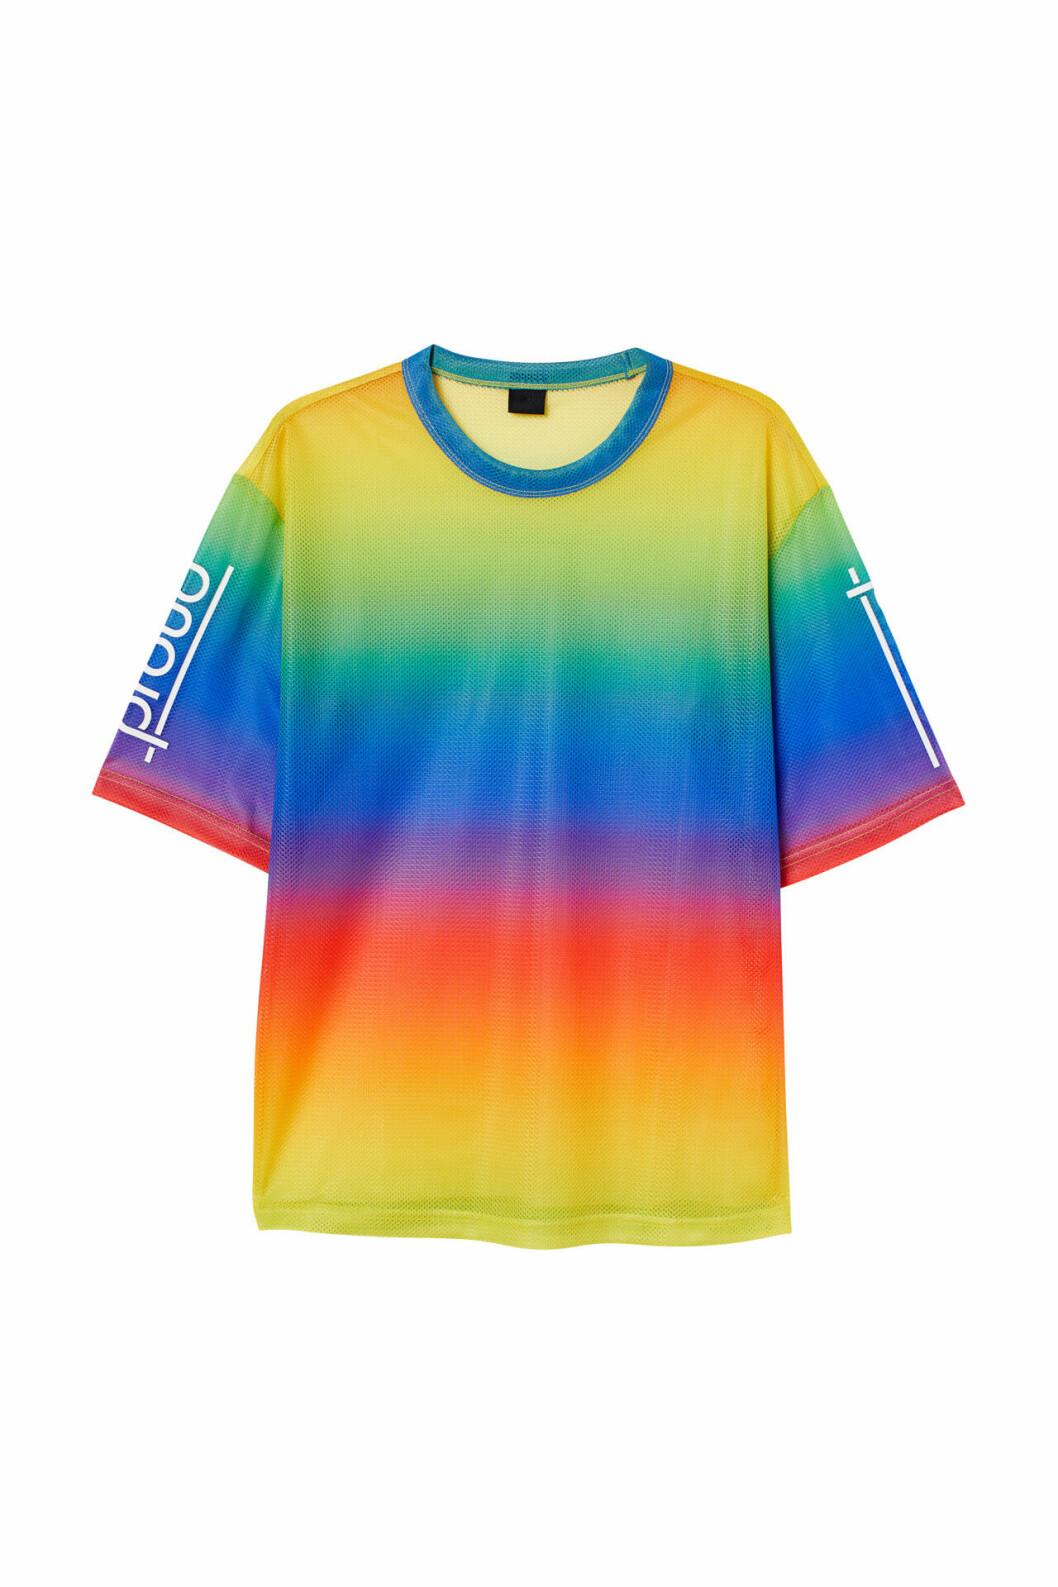 H&M släpper Pridekollektion för 2019 – regnbågsfärgad t-shirt